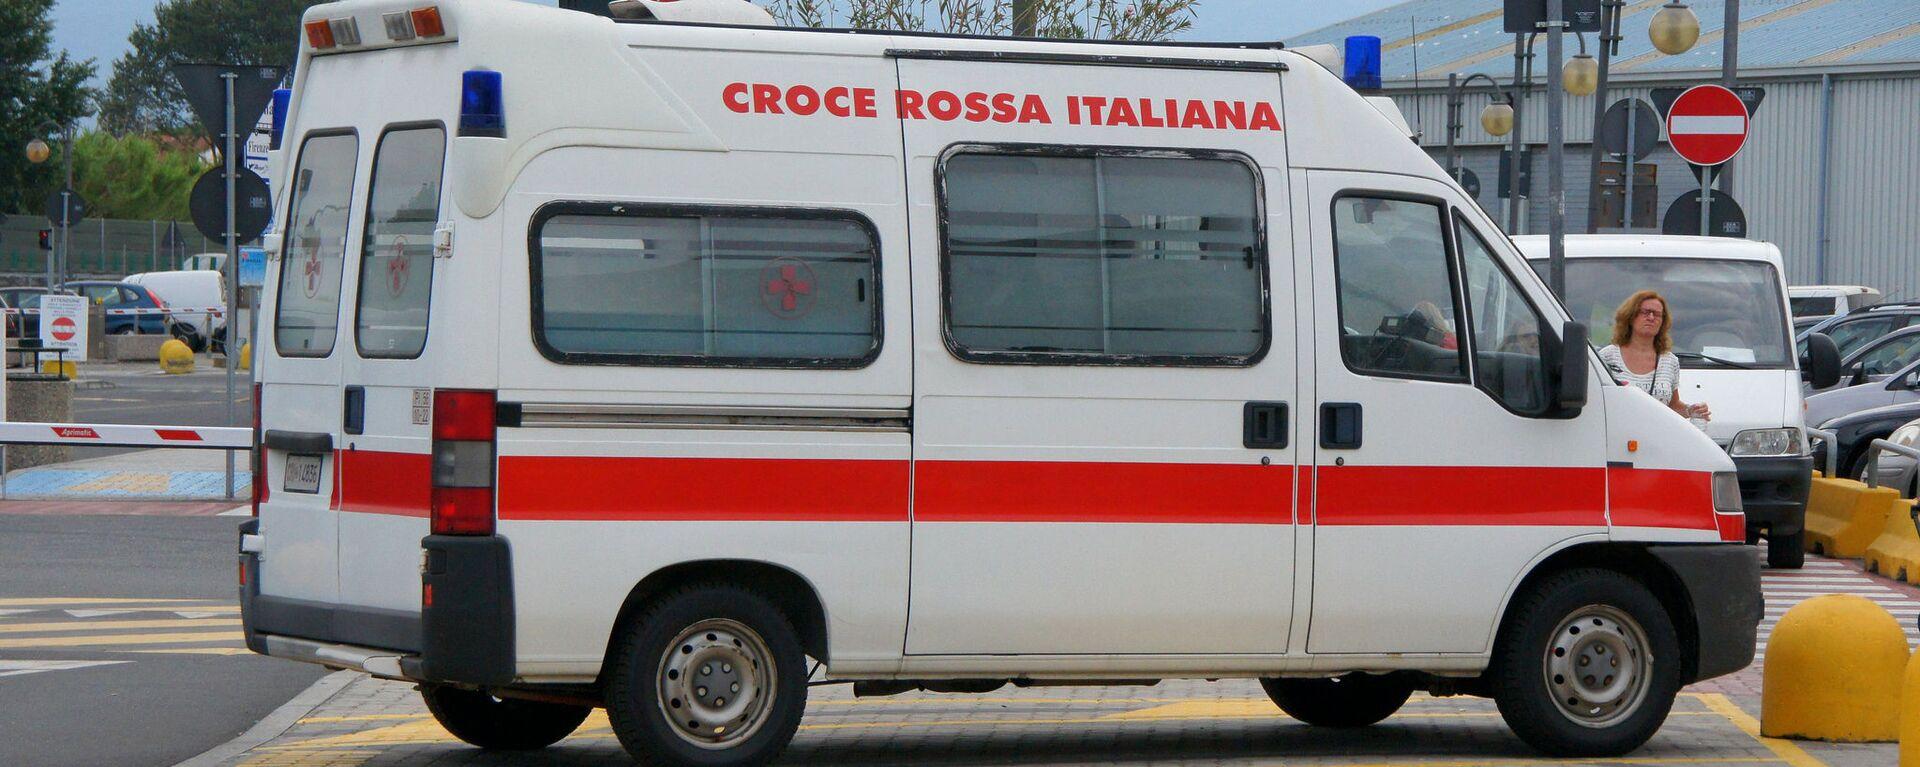 Ambulanza della Croce Rossa in Italia - Sputnik Italia, 1920, 20.06.2021